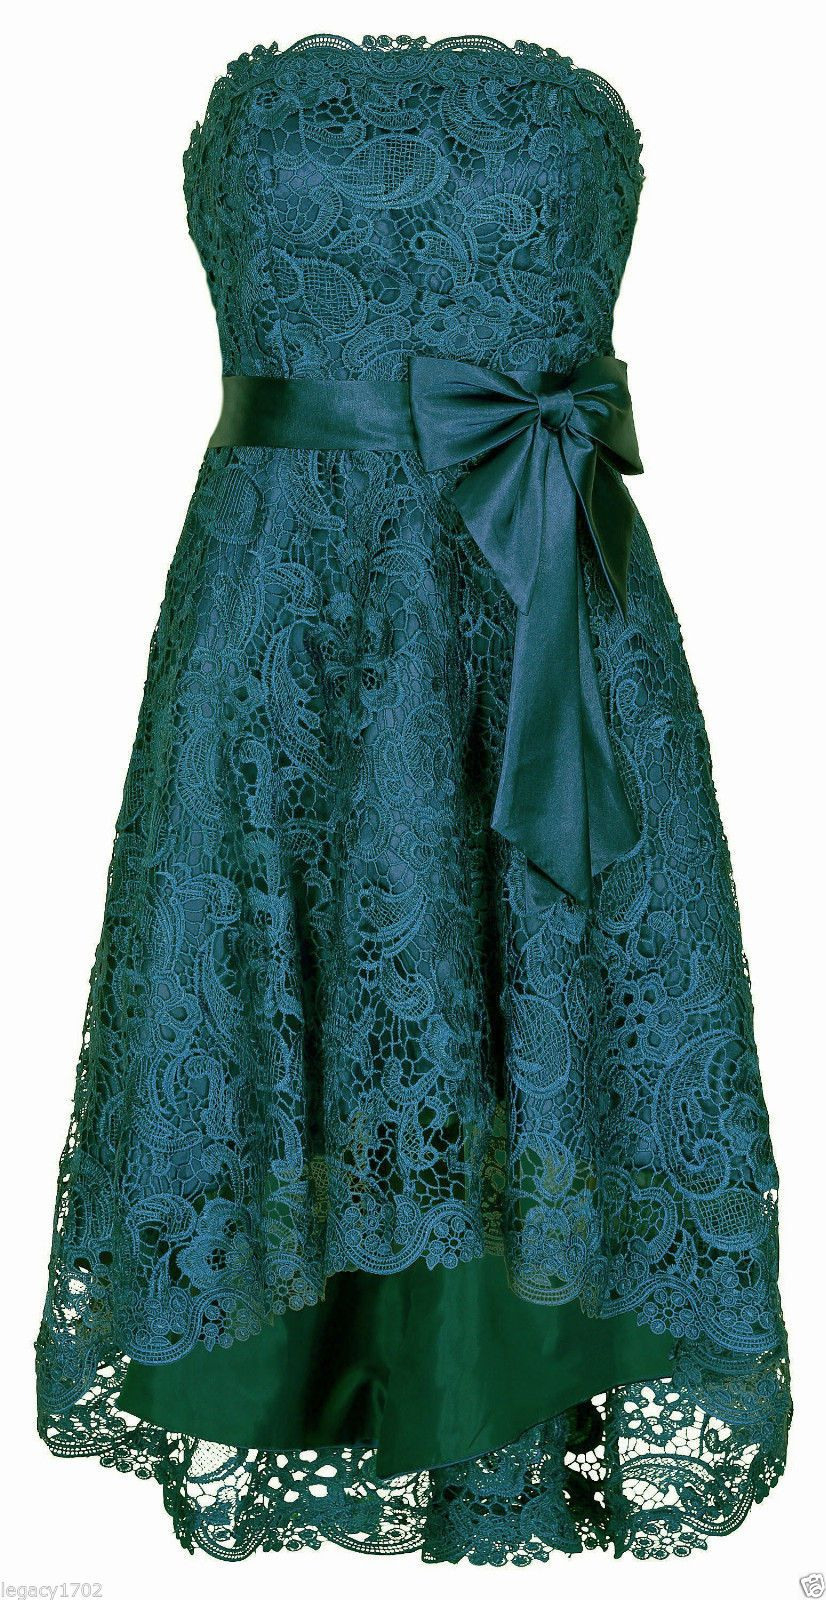 17 Luxus Abendkleid 46 Bester PreisDesigner Schön Abendkleid 46 Vertrieb